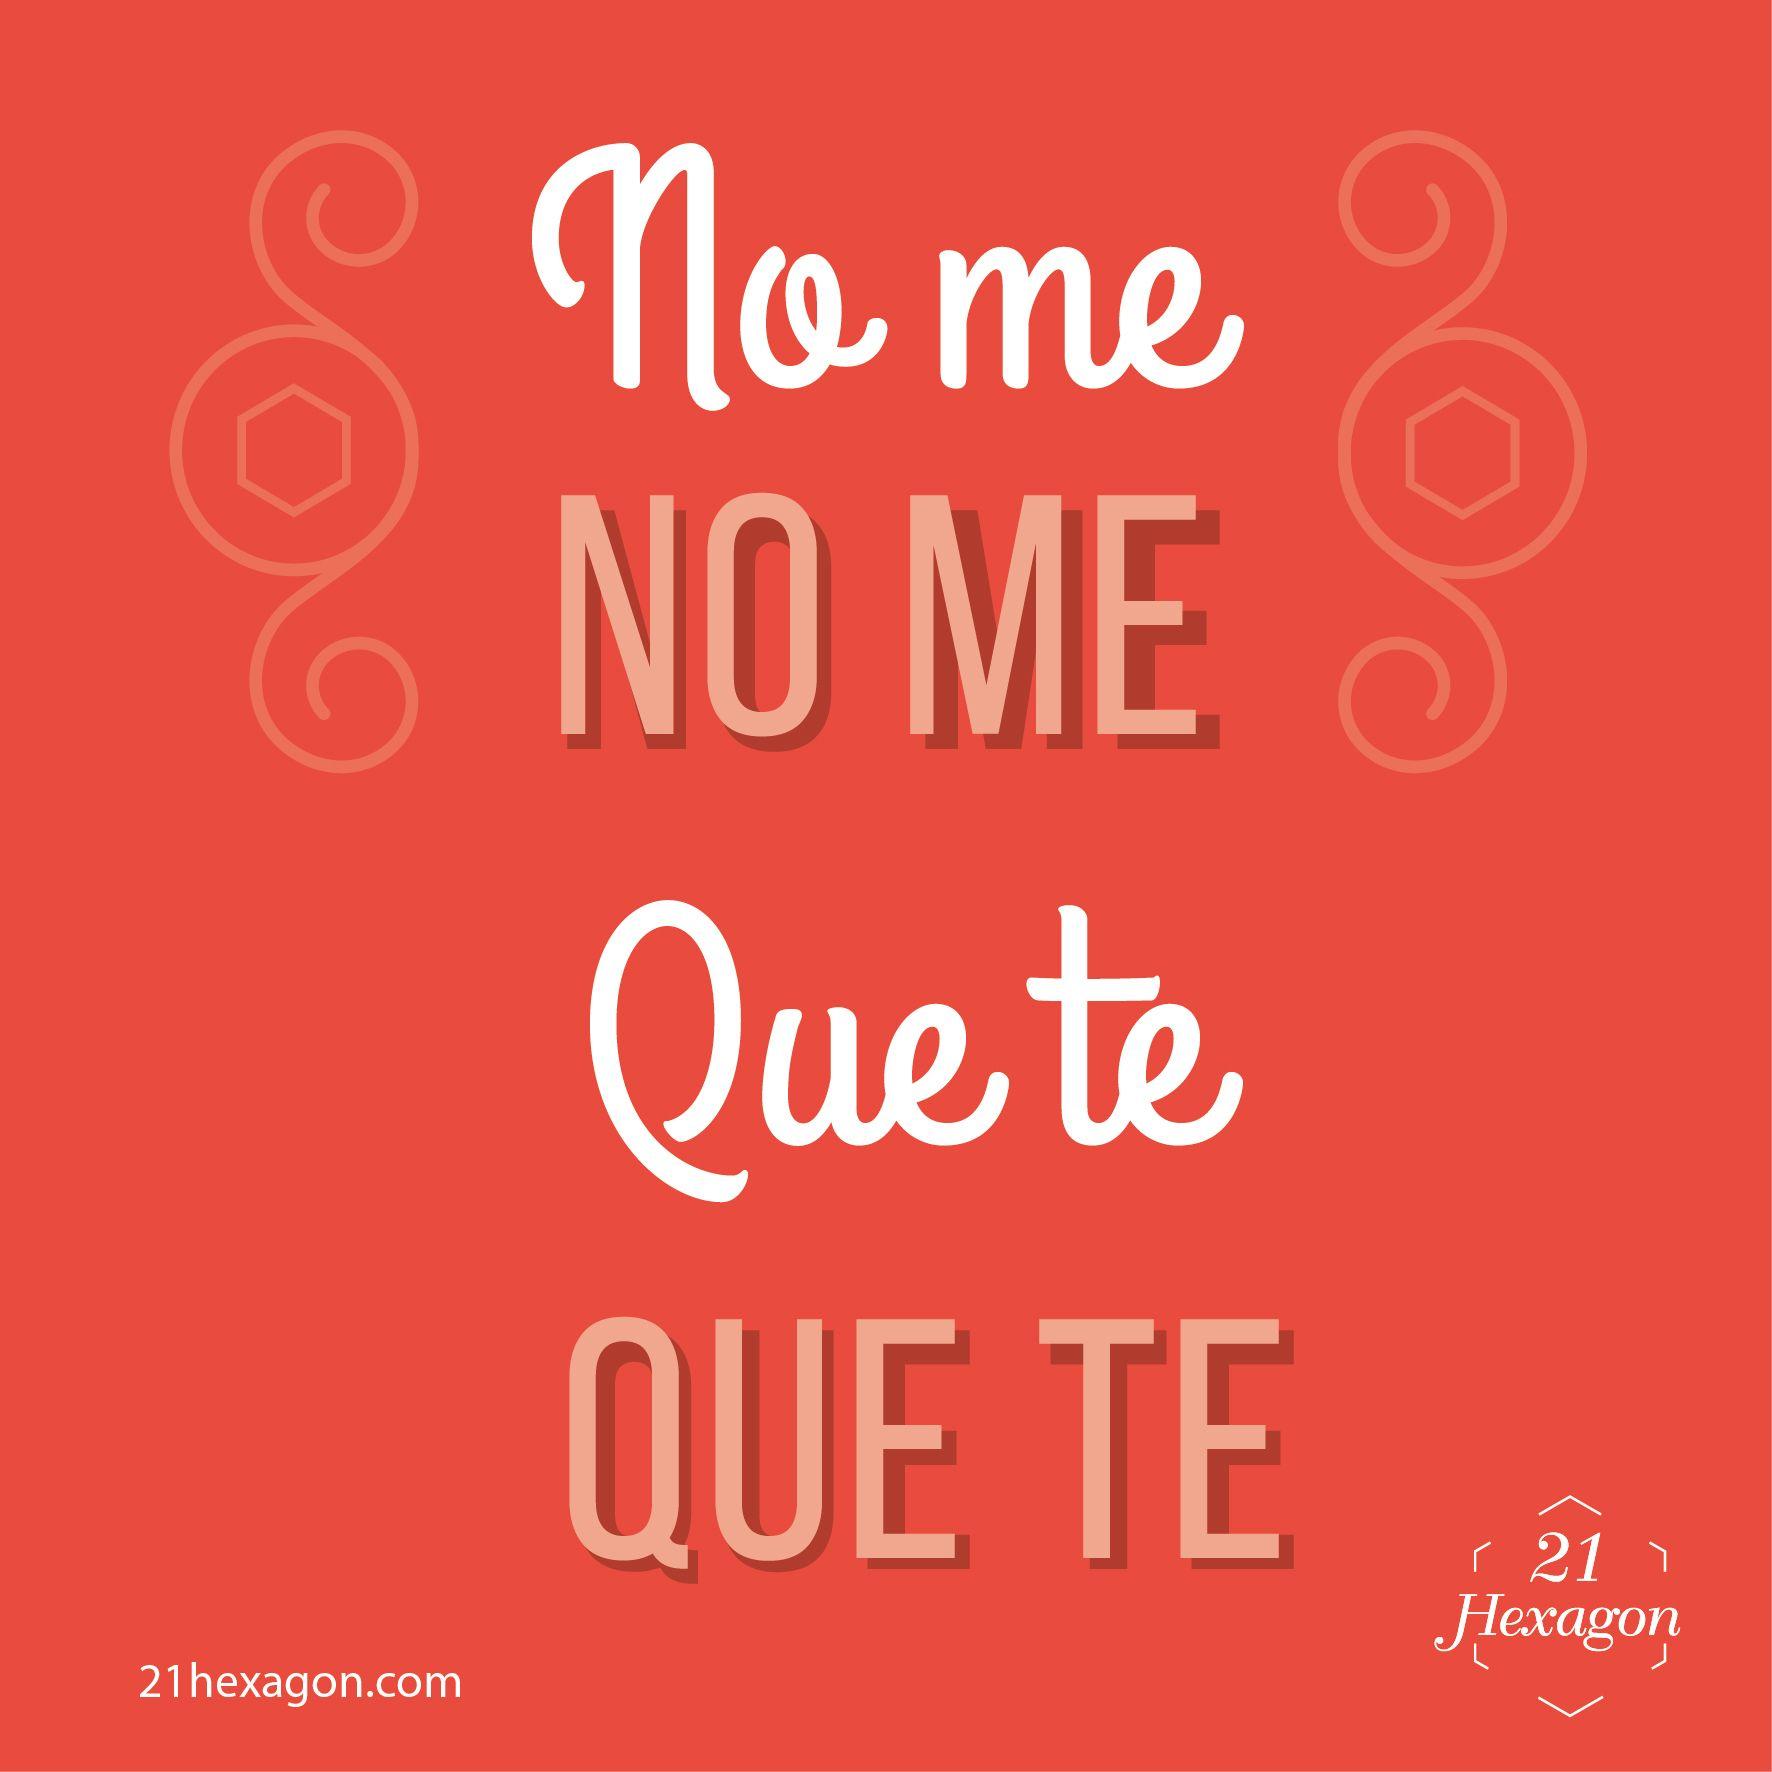 NOMENOME_QUETEQUETE_MAMA.jpg